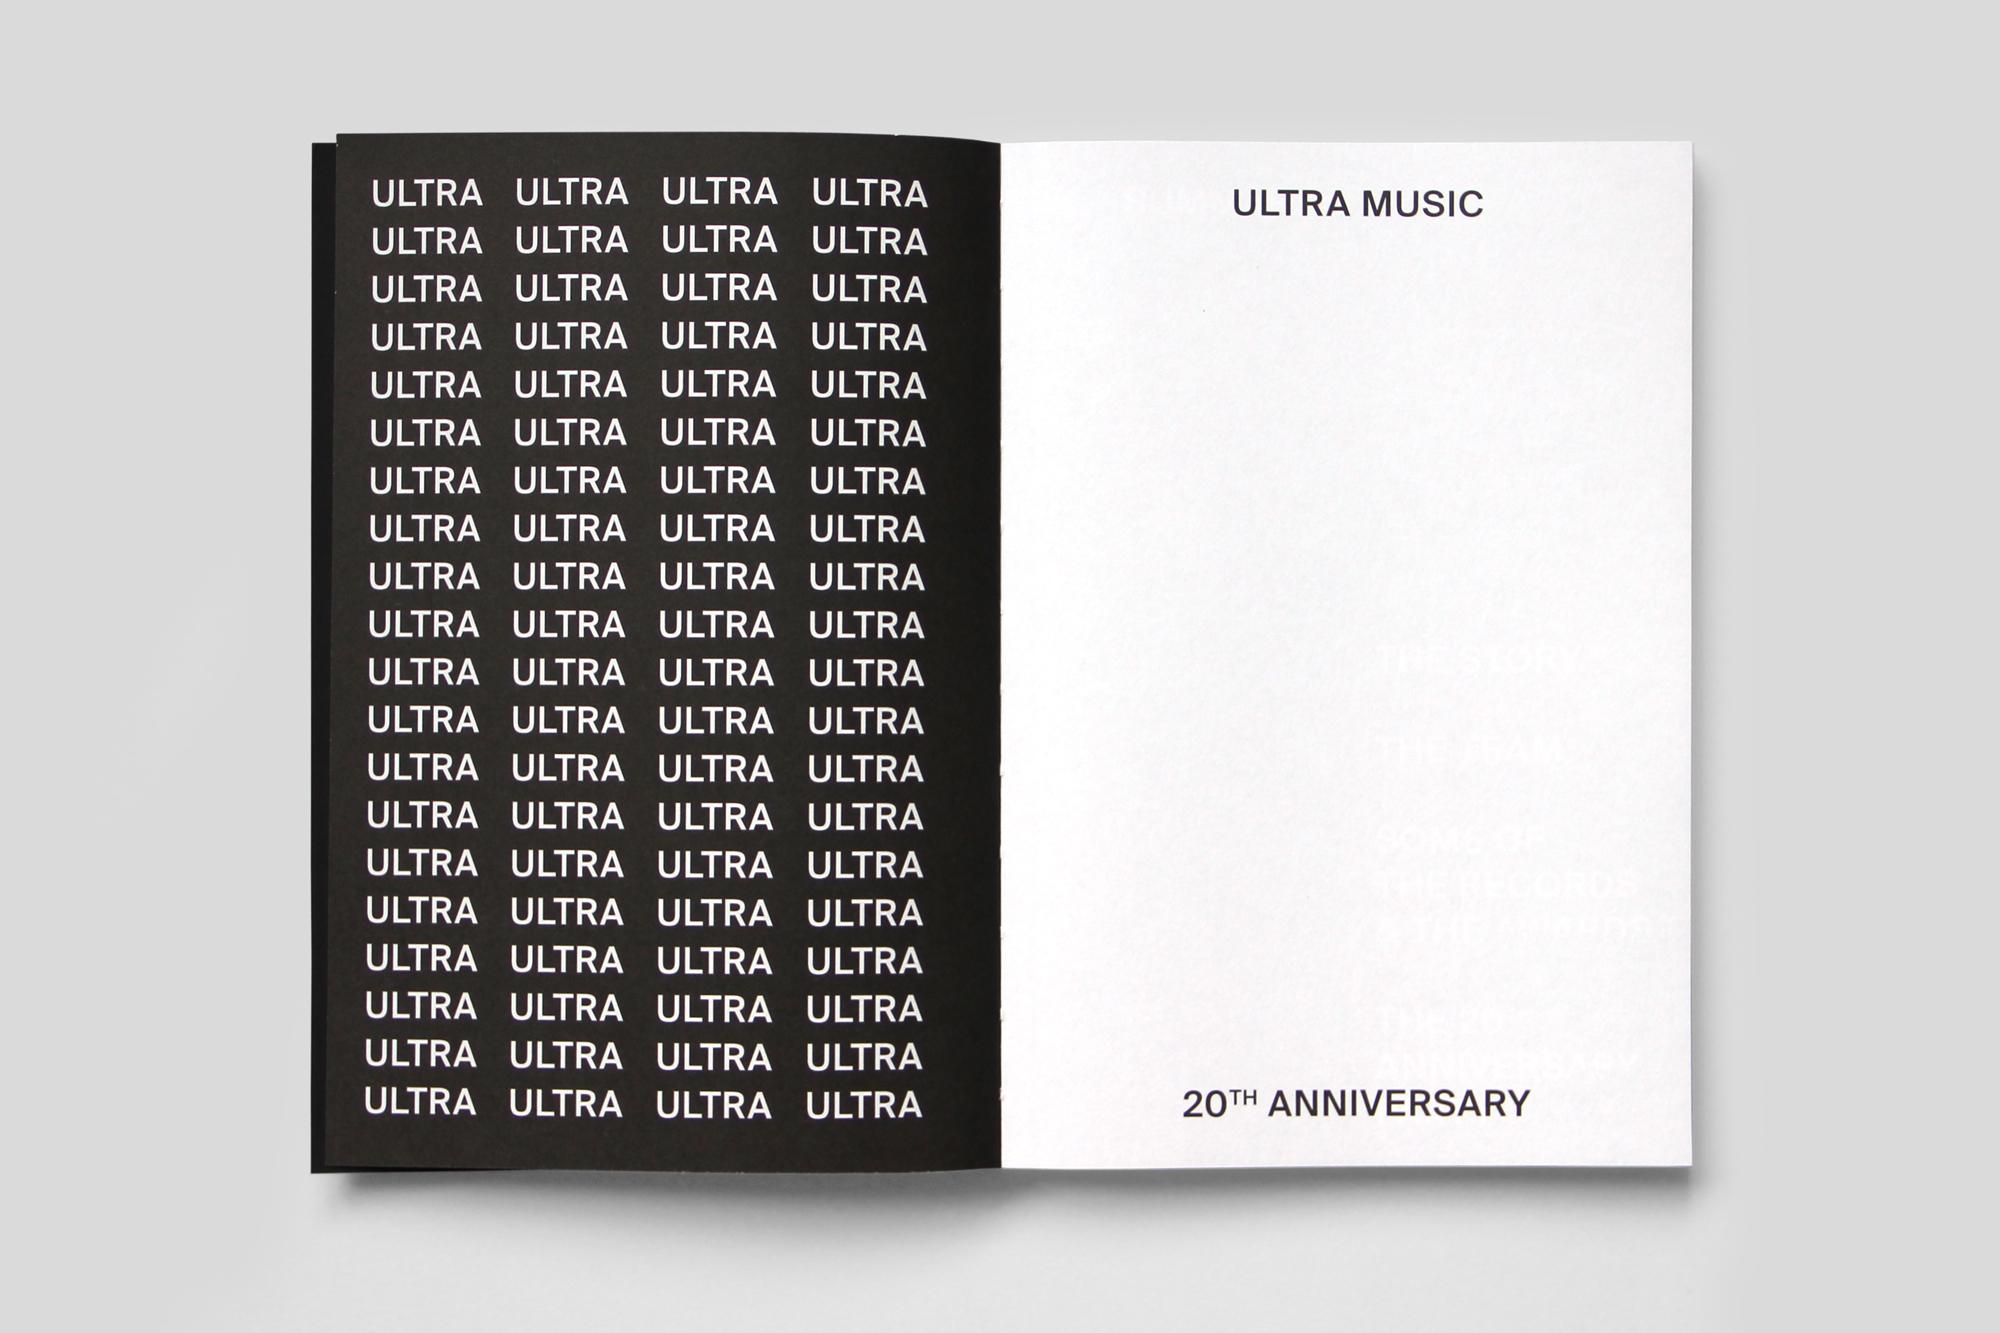 ultra_book_05